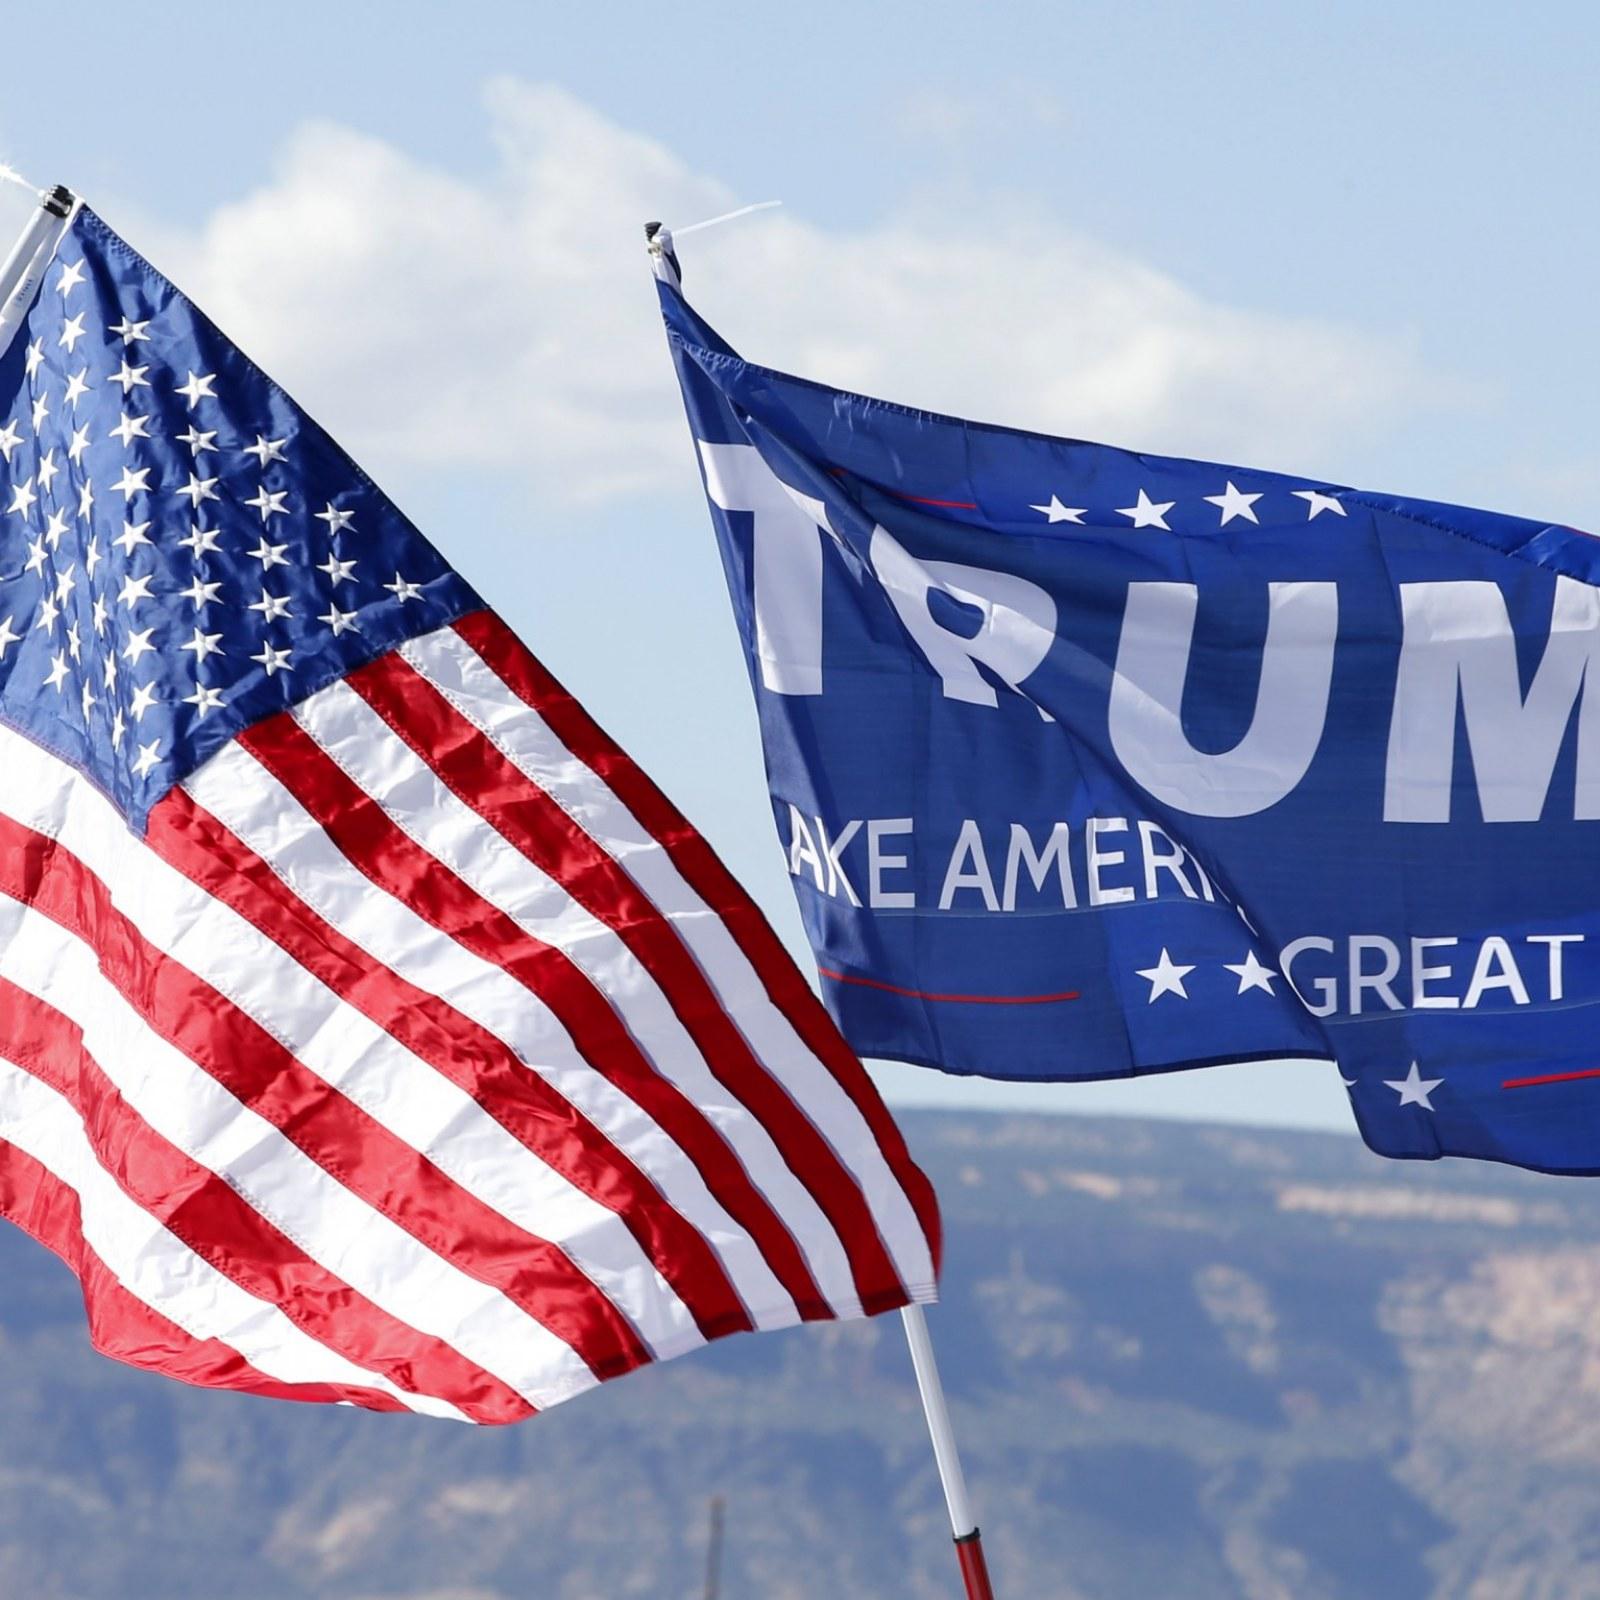 COSAS DE SANTOÑA: [Get 33+] Trump 2020 Wallpaper Flags